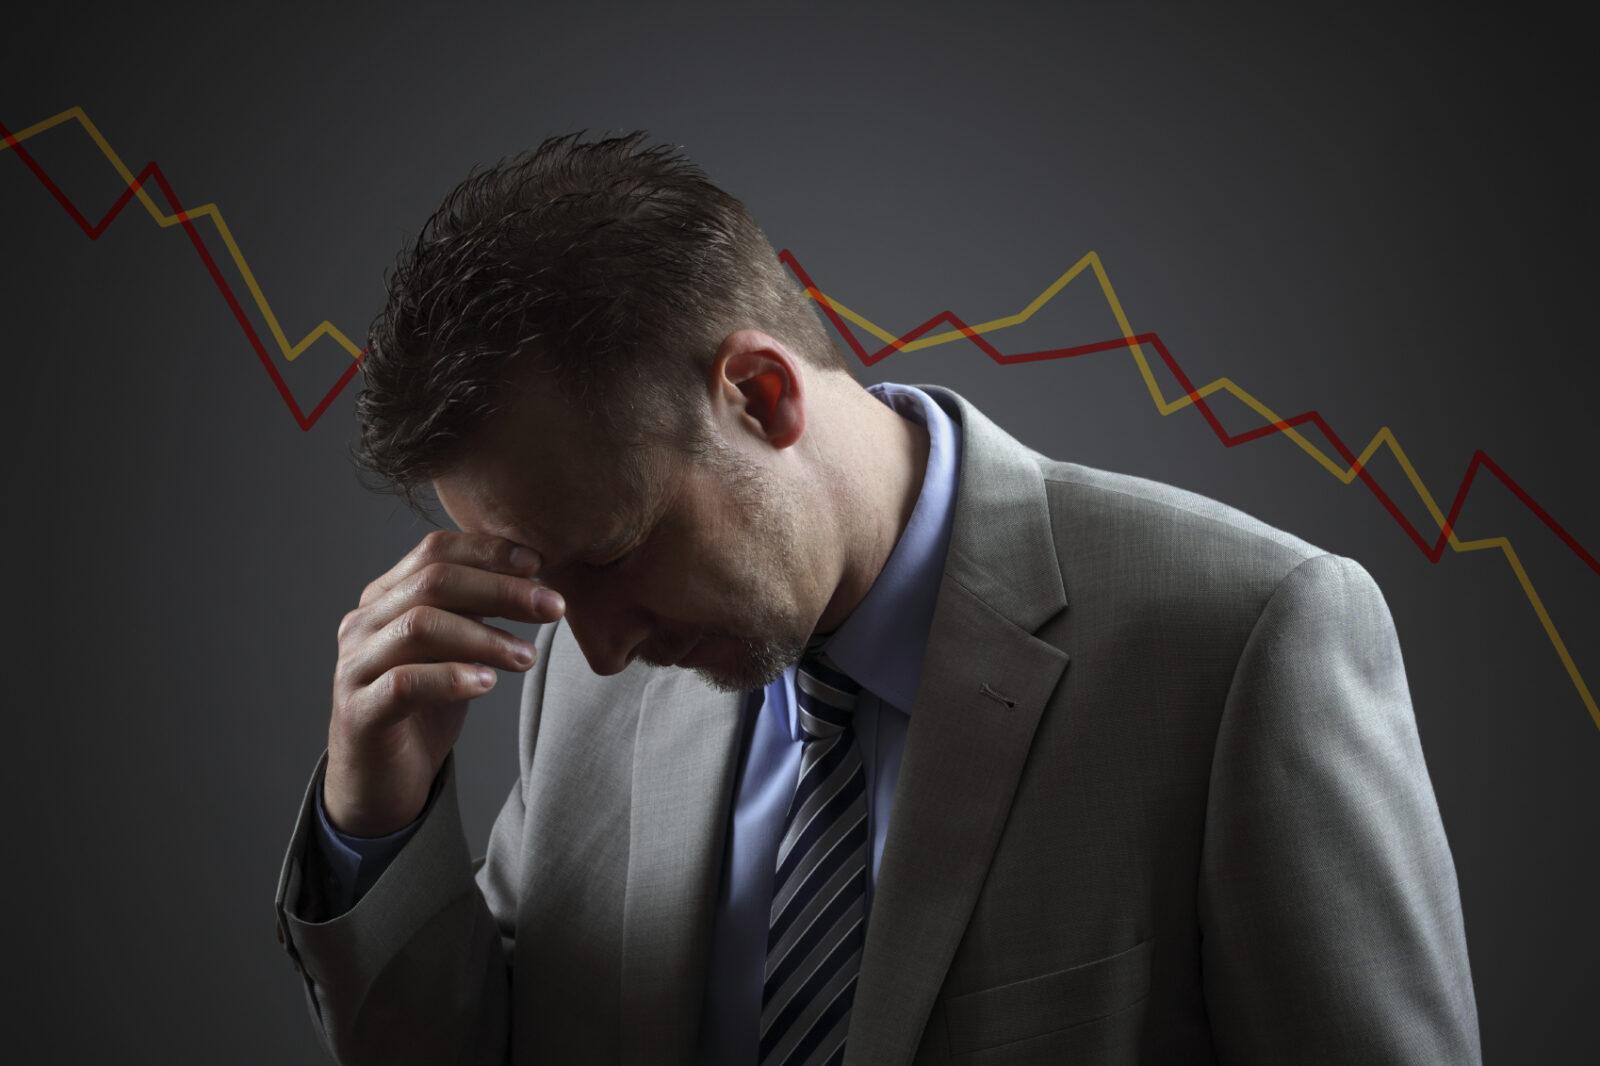 stock stress crisis